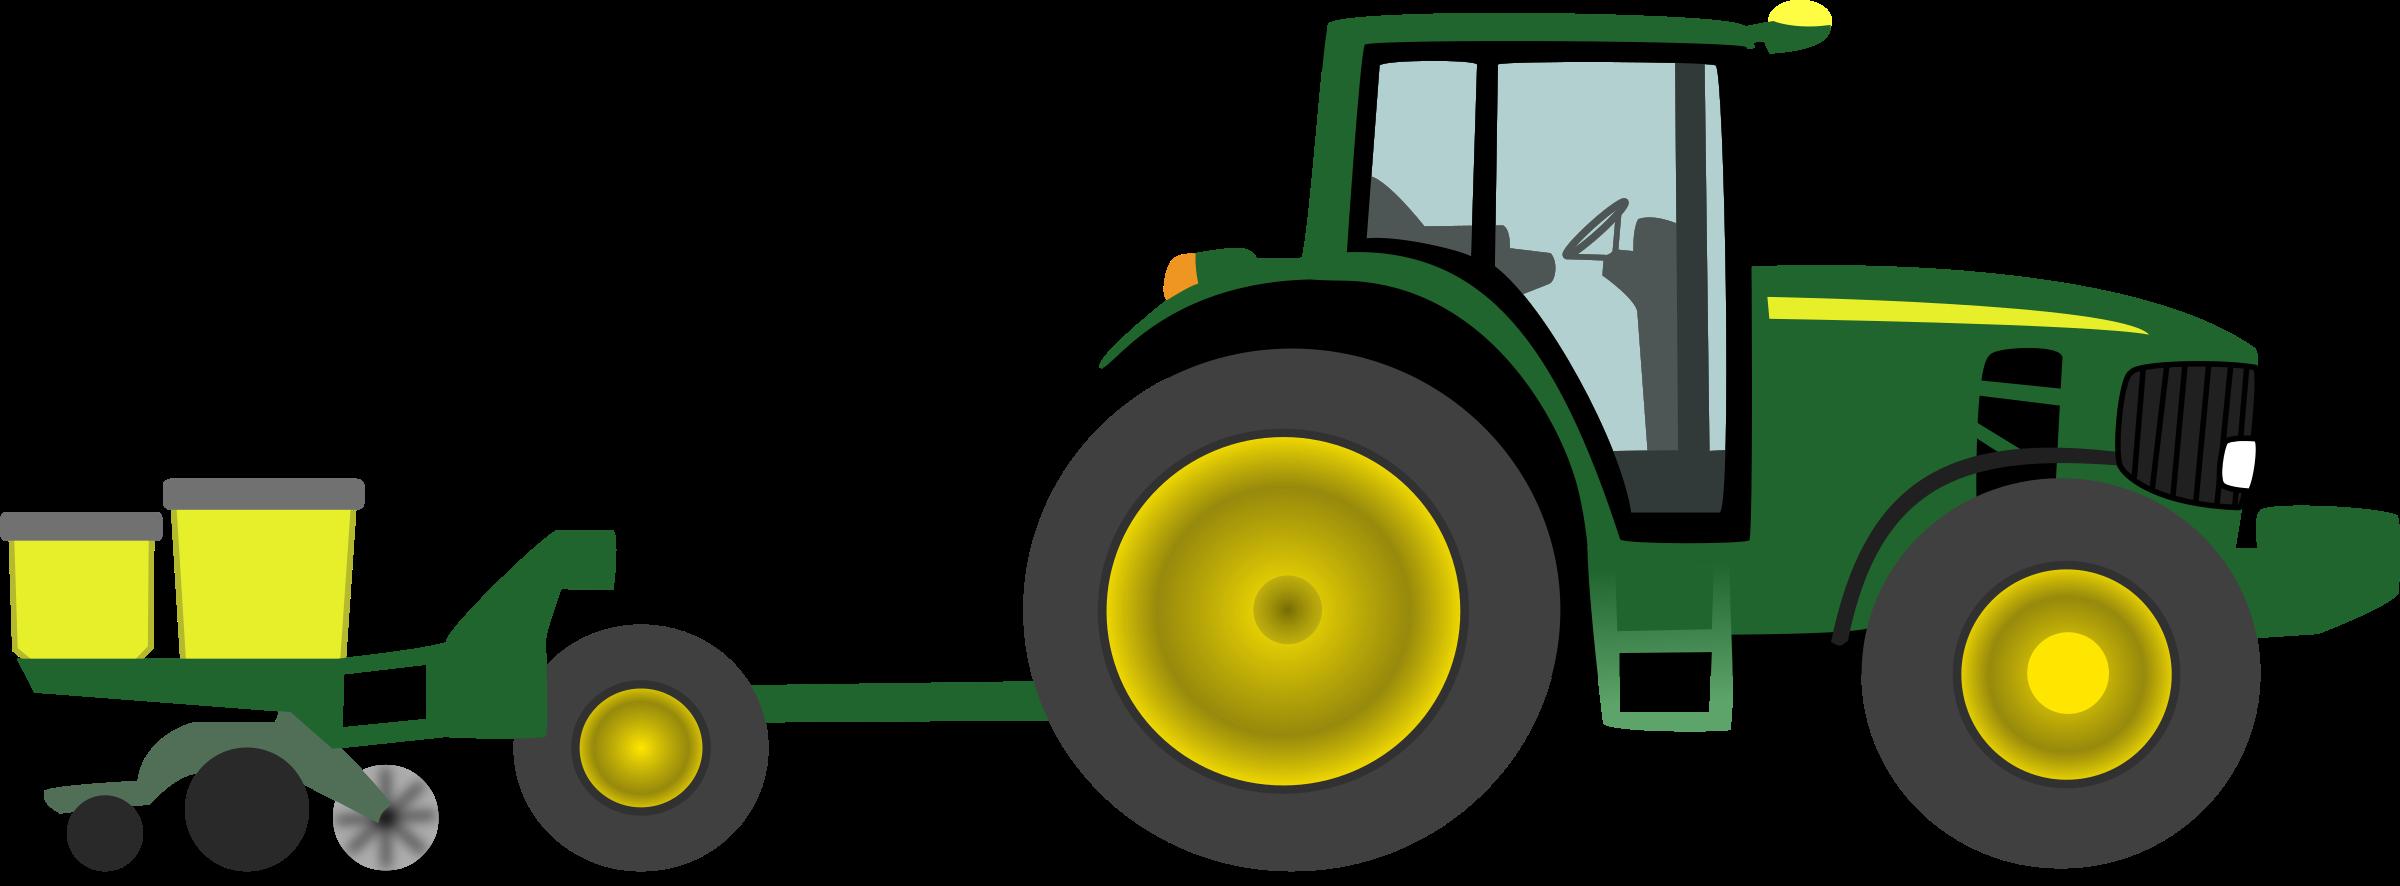 Feilds clipart farm machinery #1